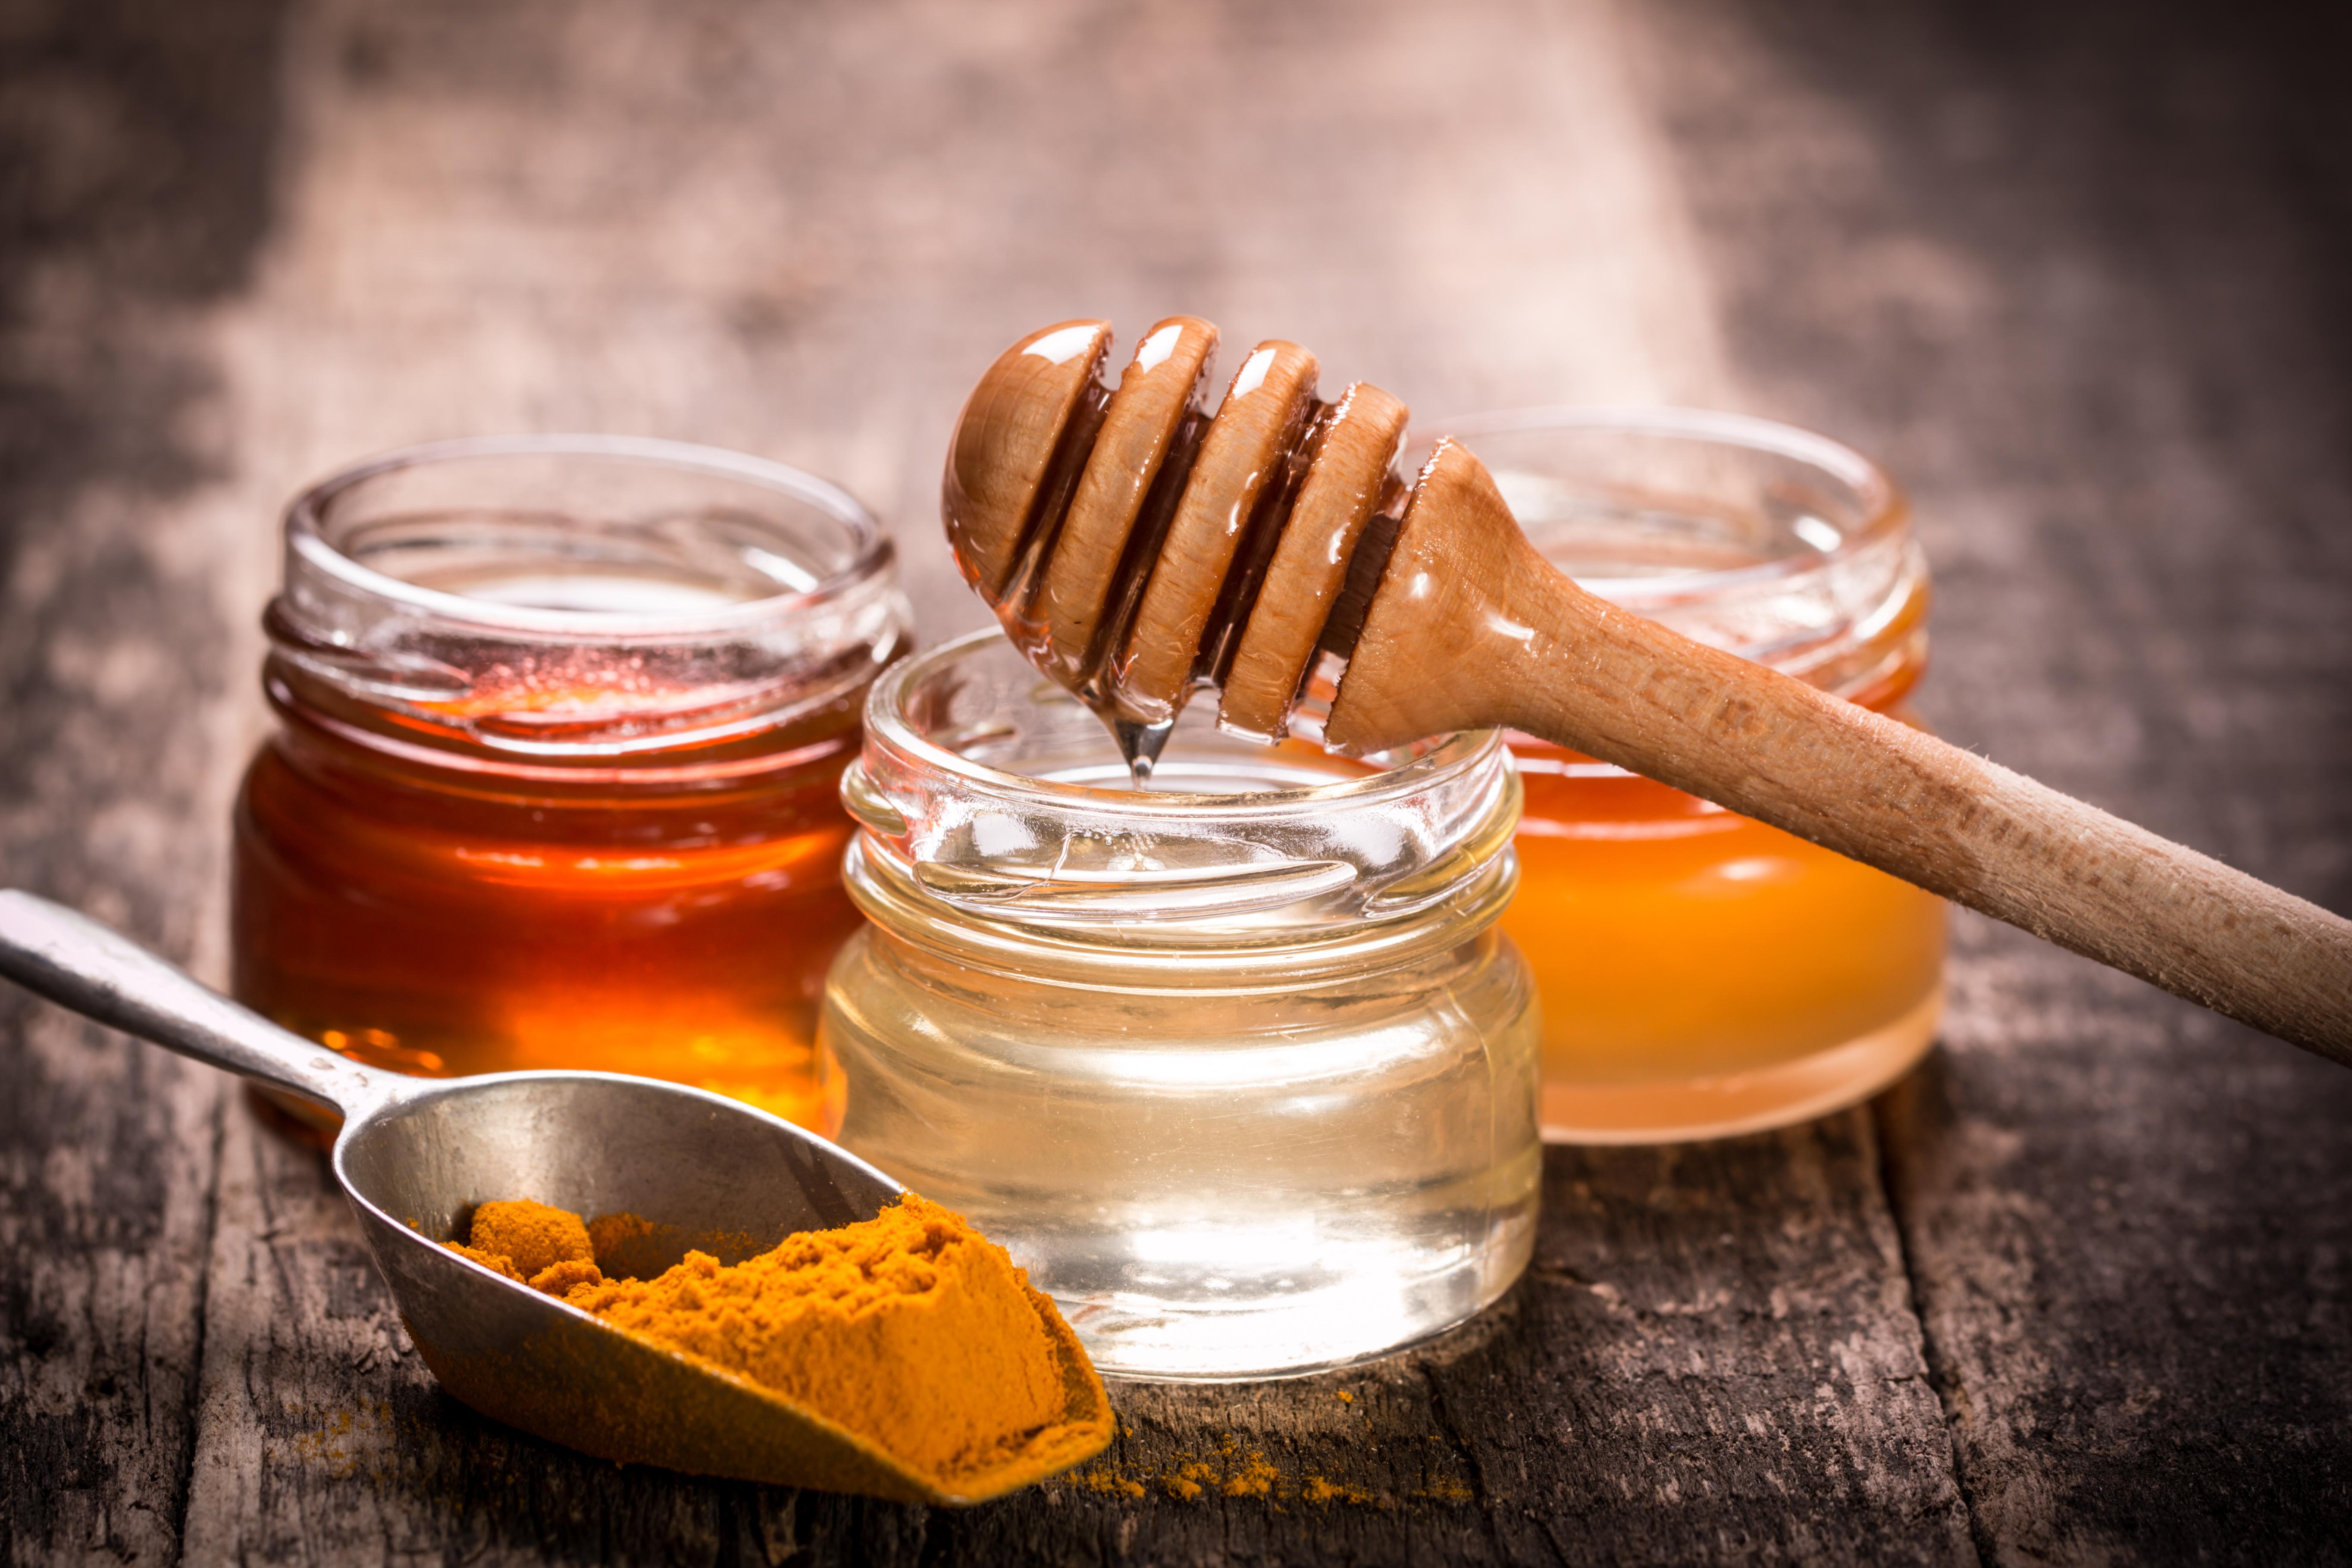 Prirodan antibiotik: Kombinacija kurkume i meda leči više od 160 zdravstvenih problema